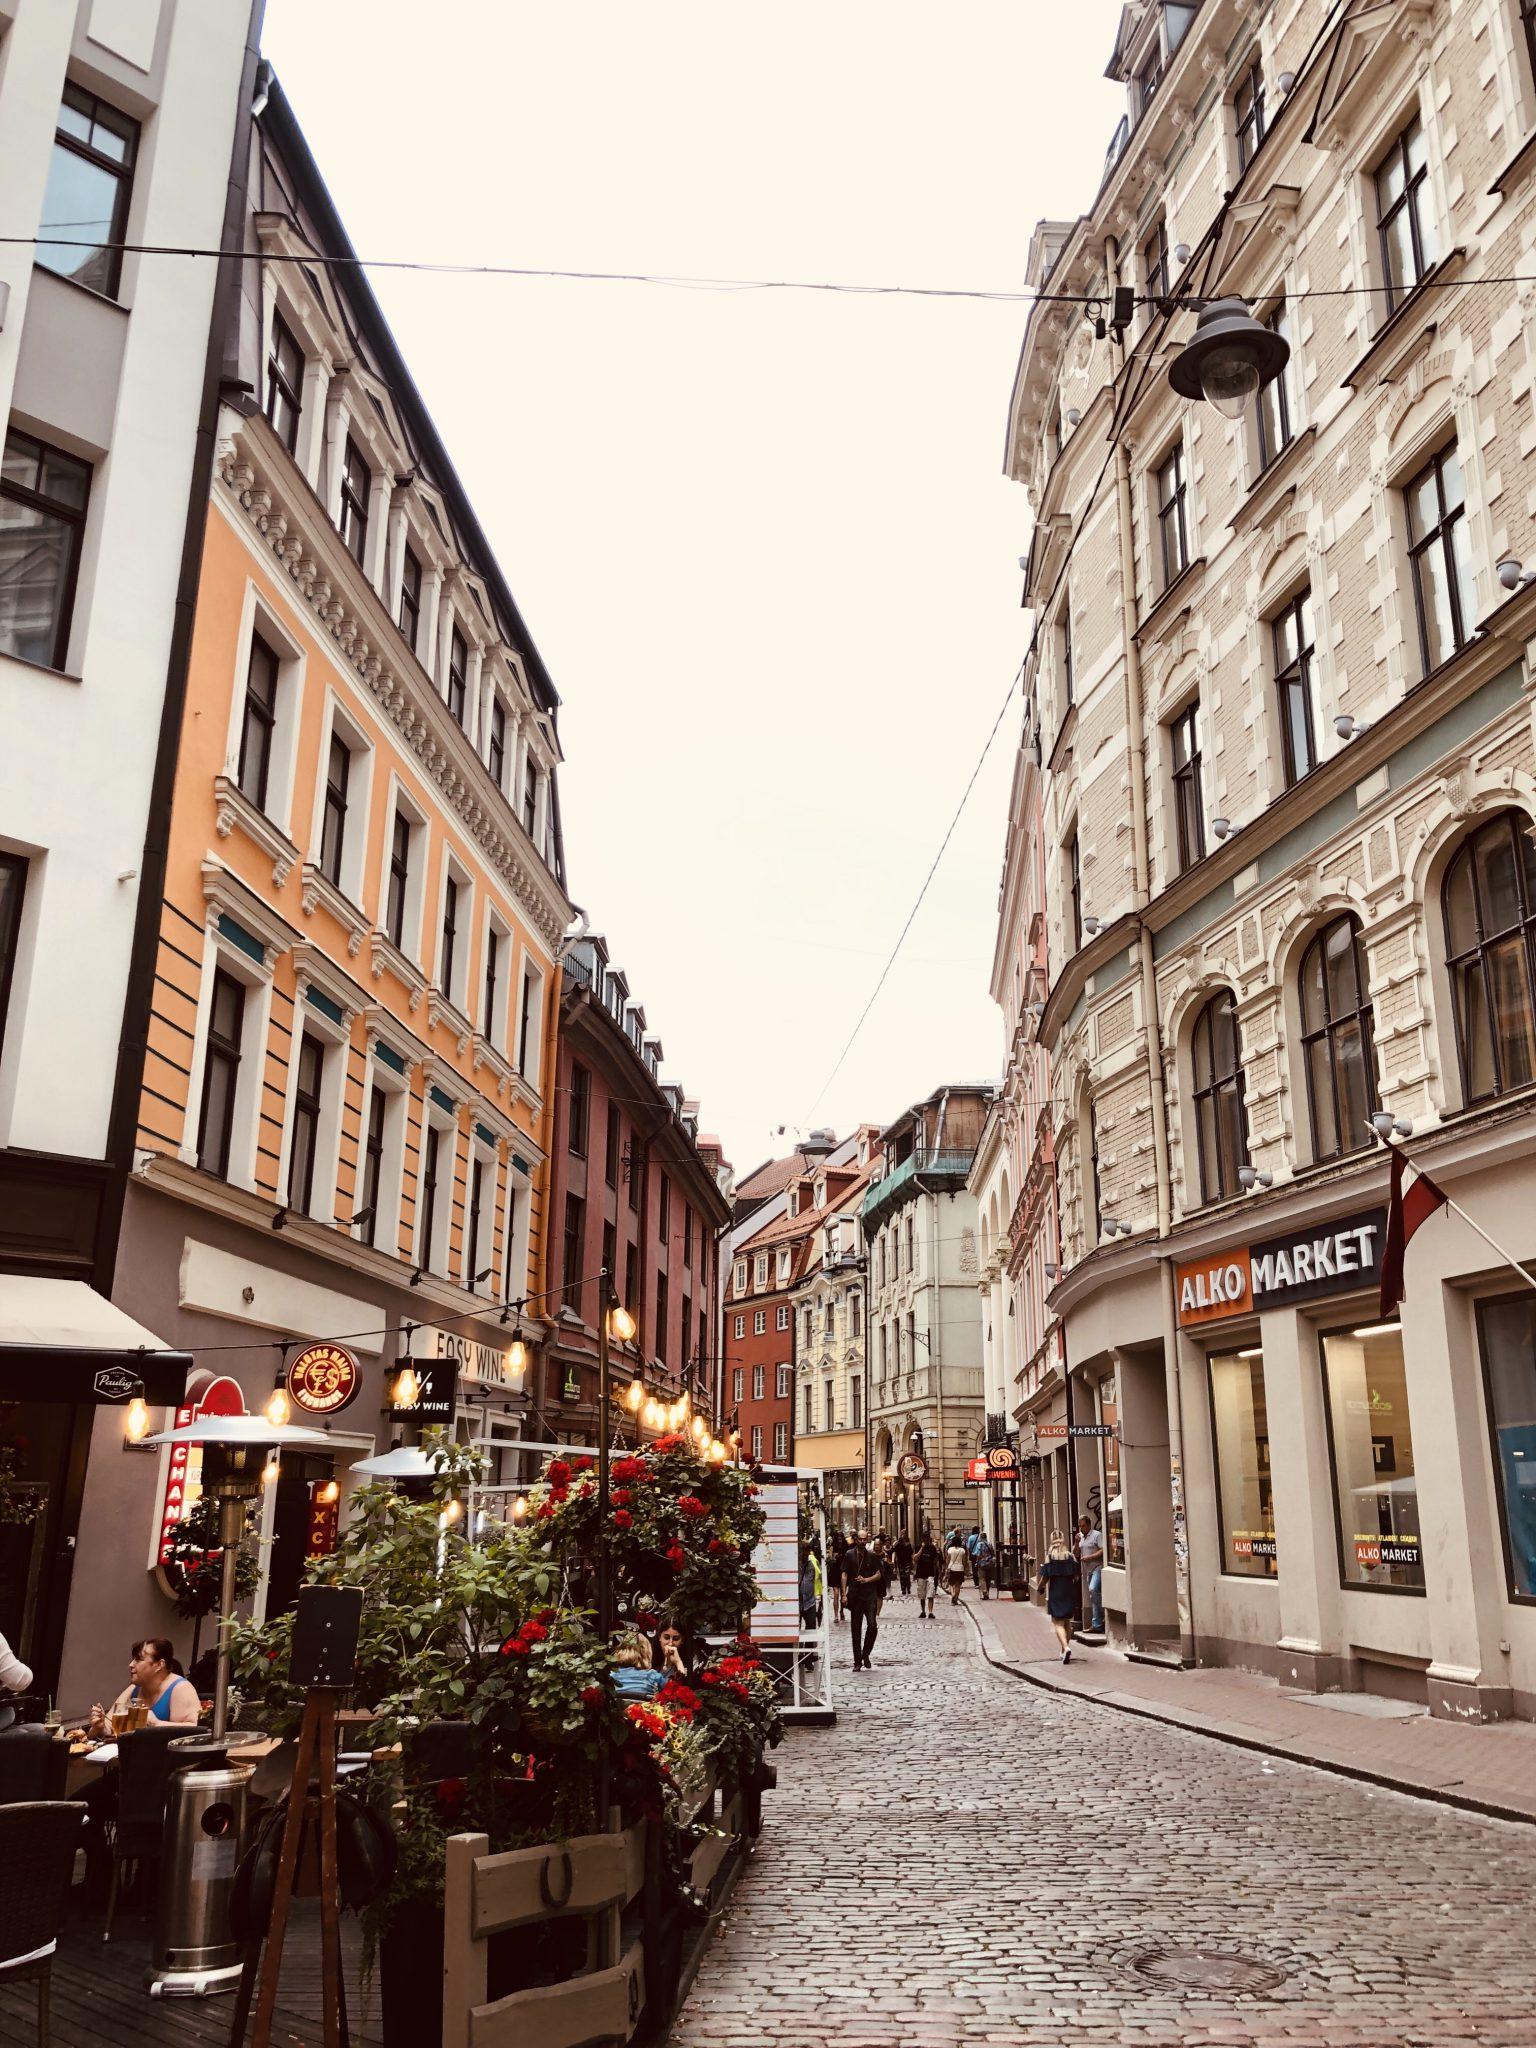 mittelalterlich anmutende Restaurants, Cafes, Bars und Shops im Altstadtbereich Rigas